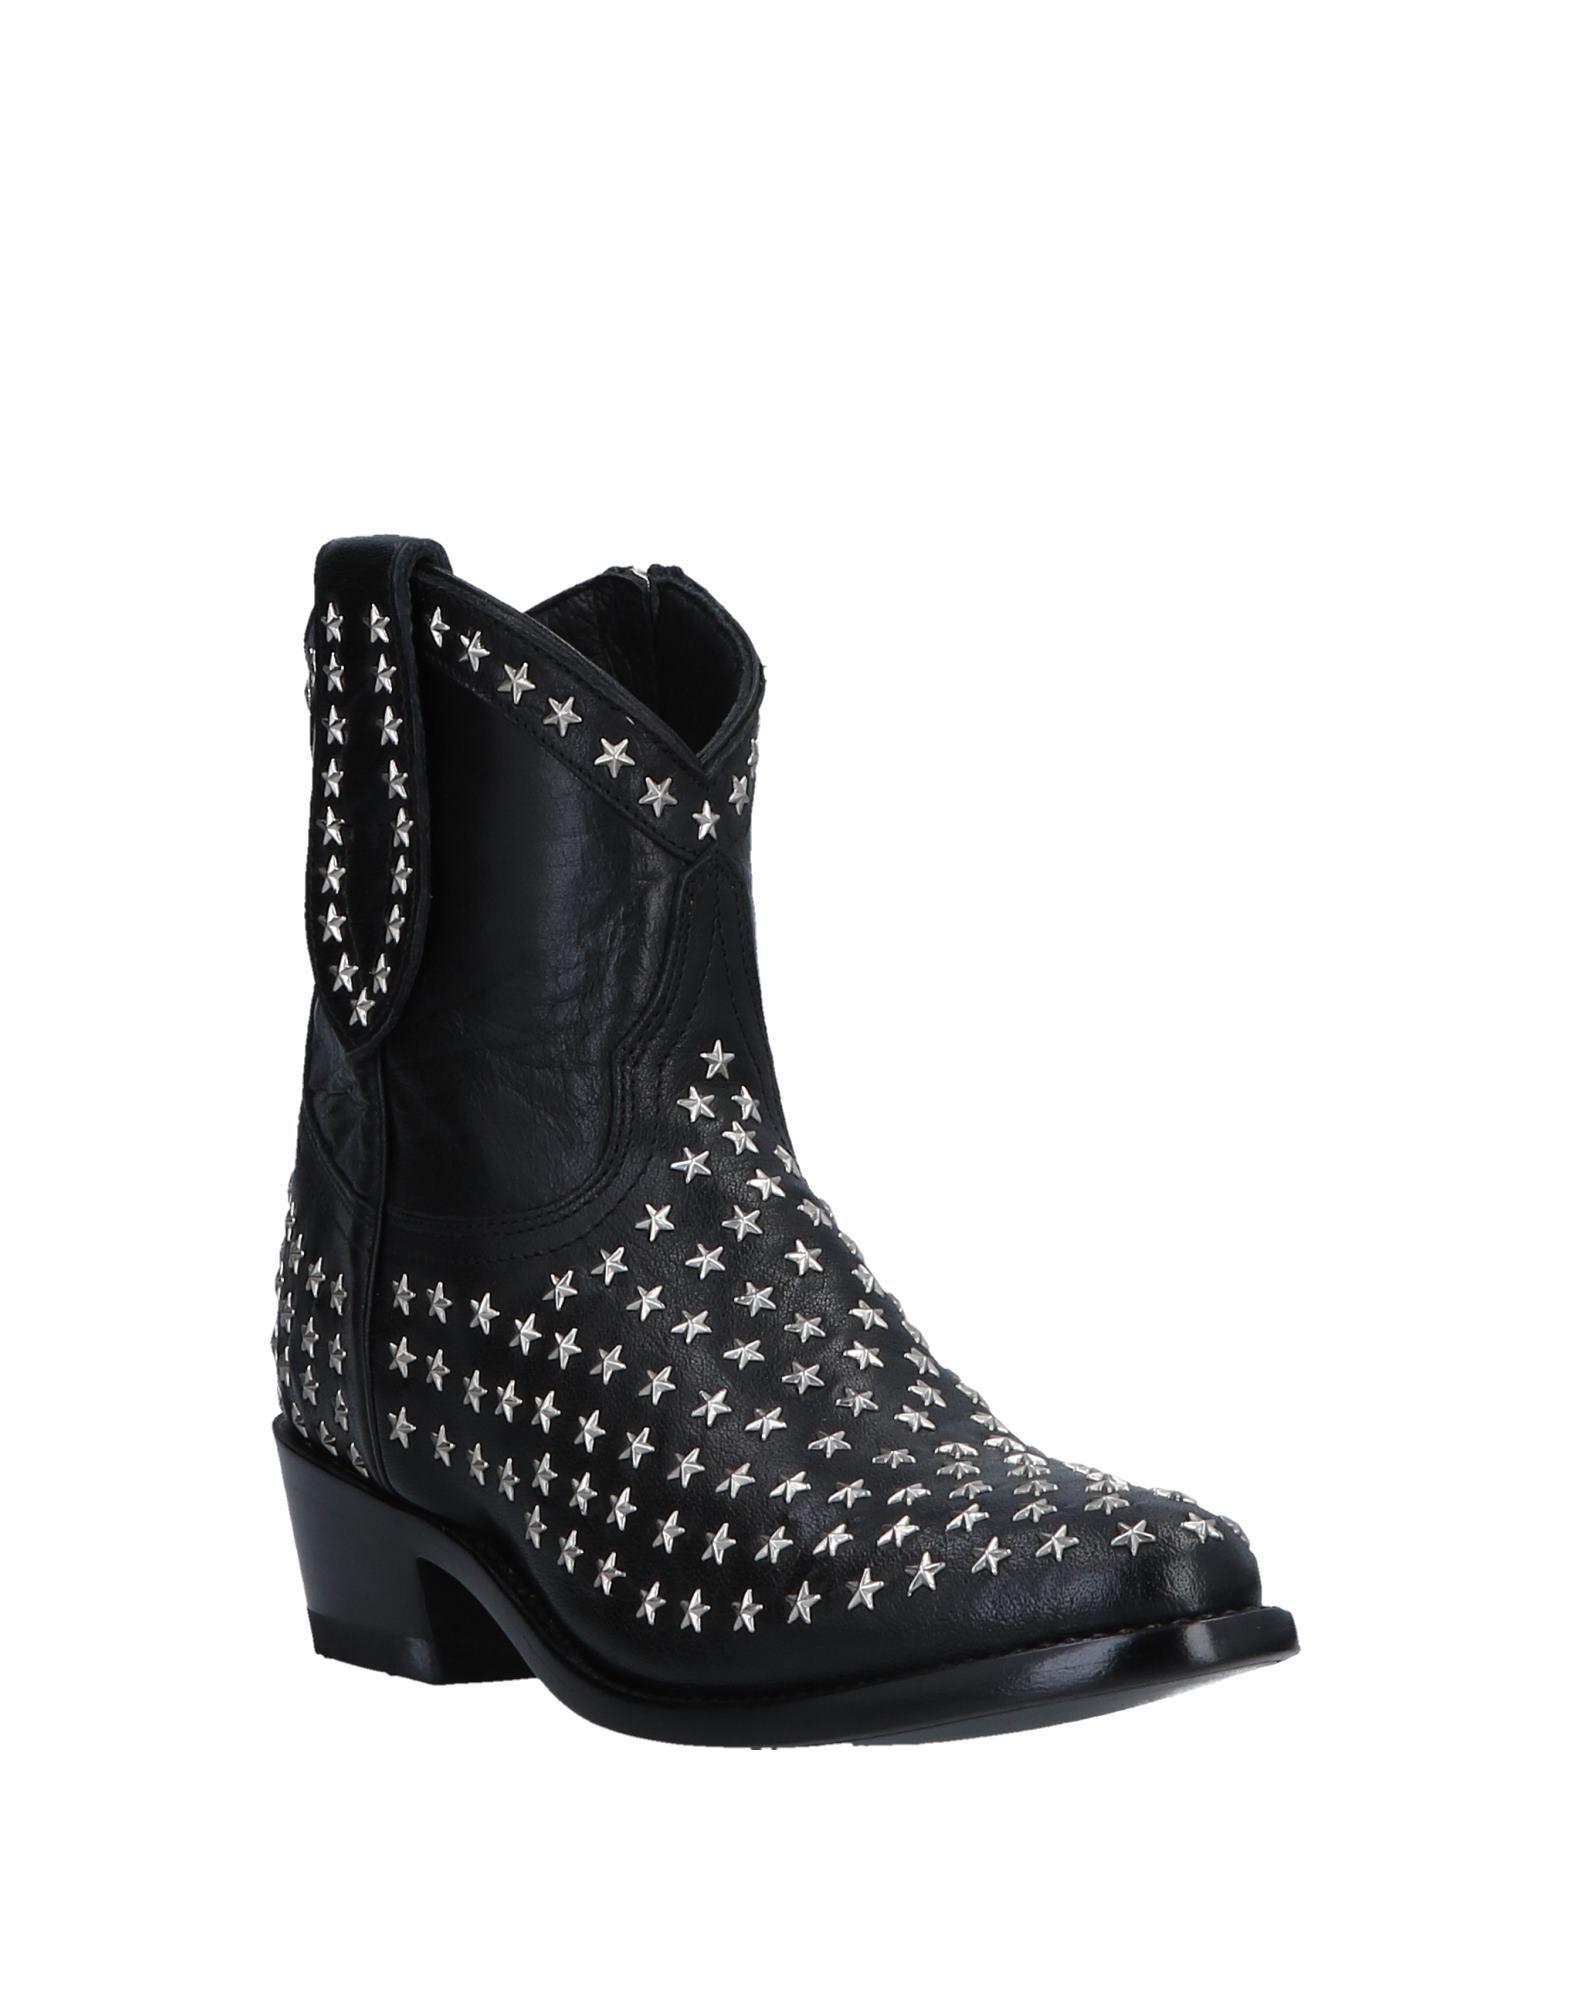 Mexicana Stiefelette Damen gut  11532325XNGünstige gut Damen aussehende Schuhe dbdf37